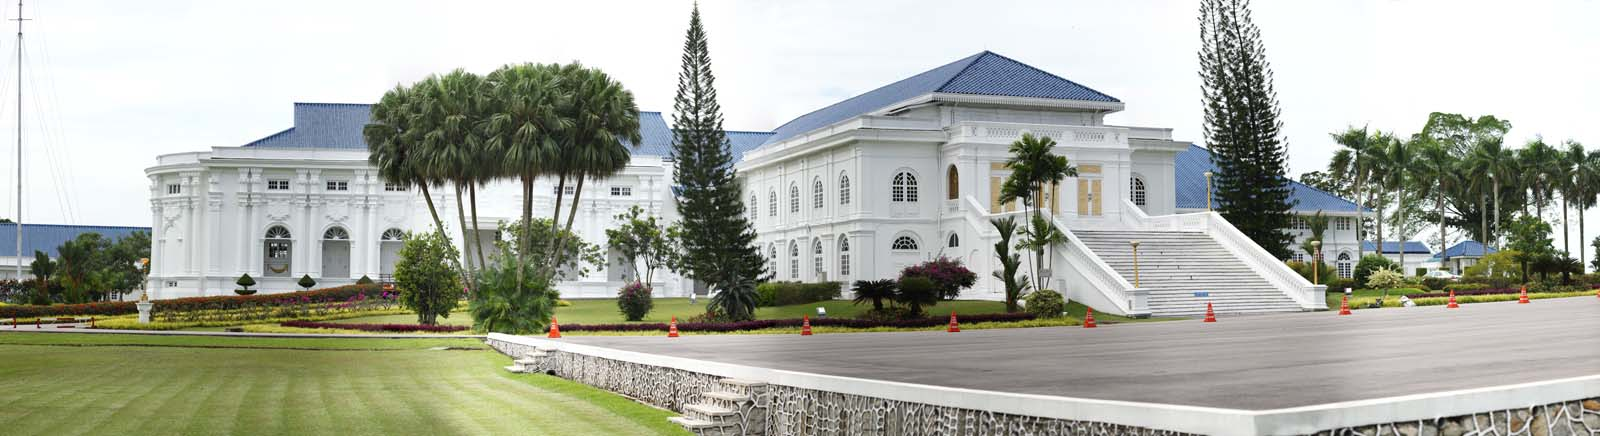 マレーシア ジョホールバル サルタン王宮全景